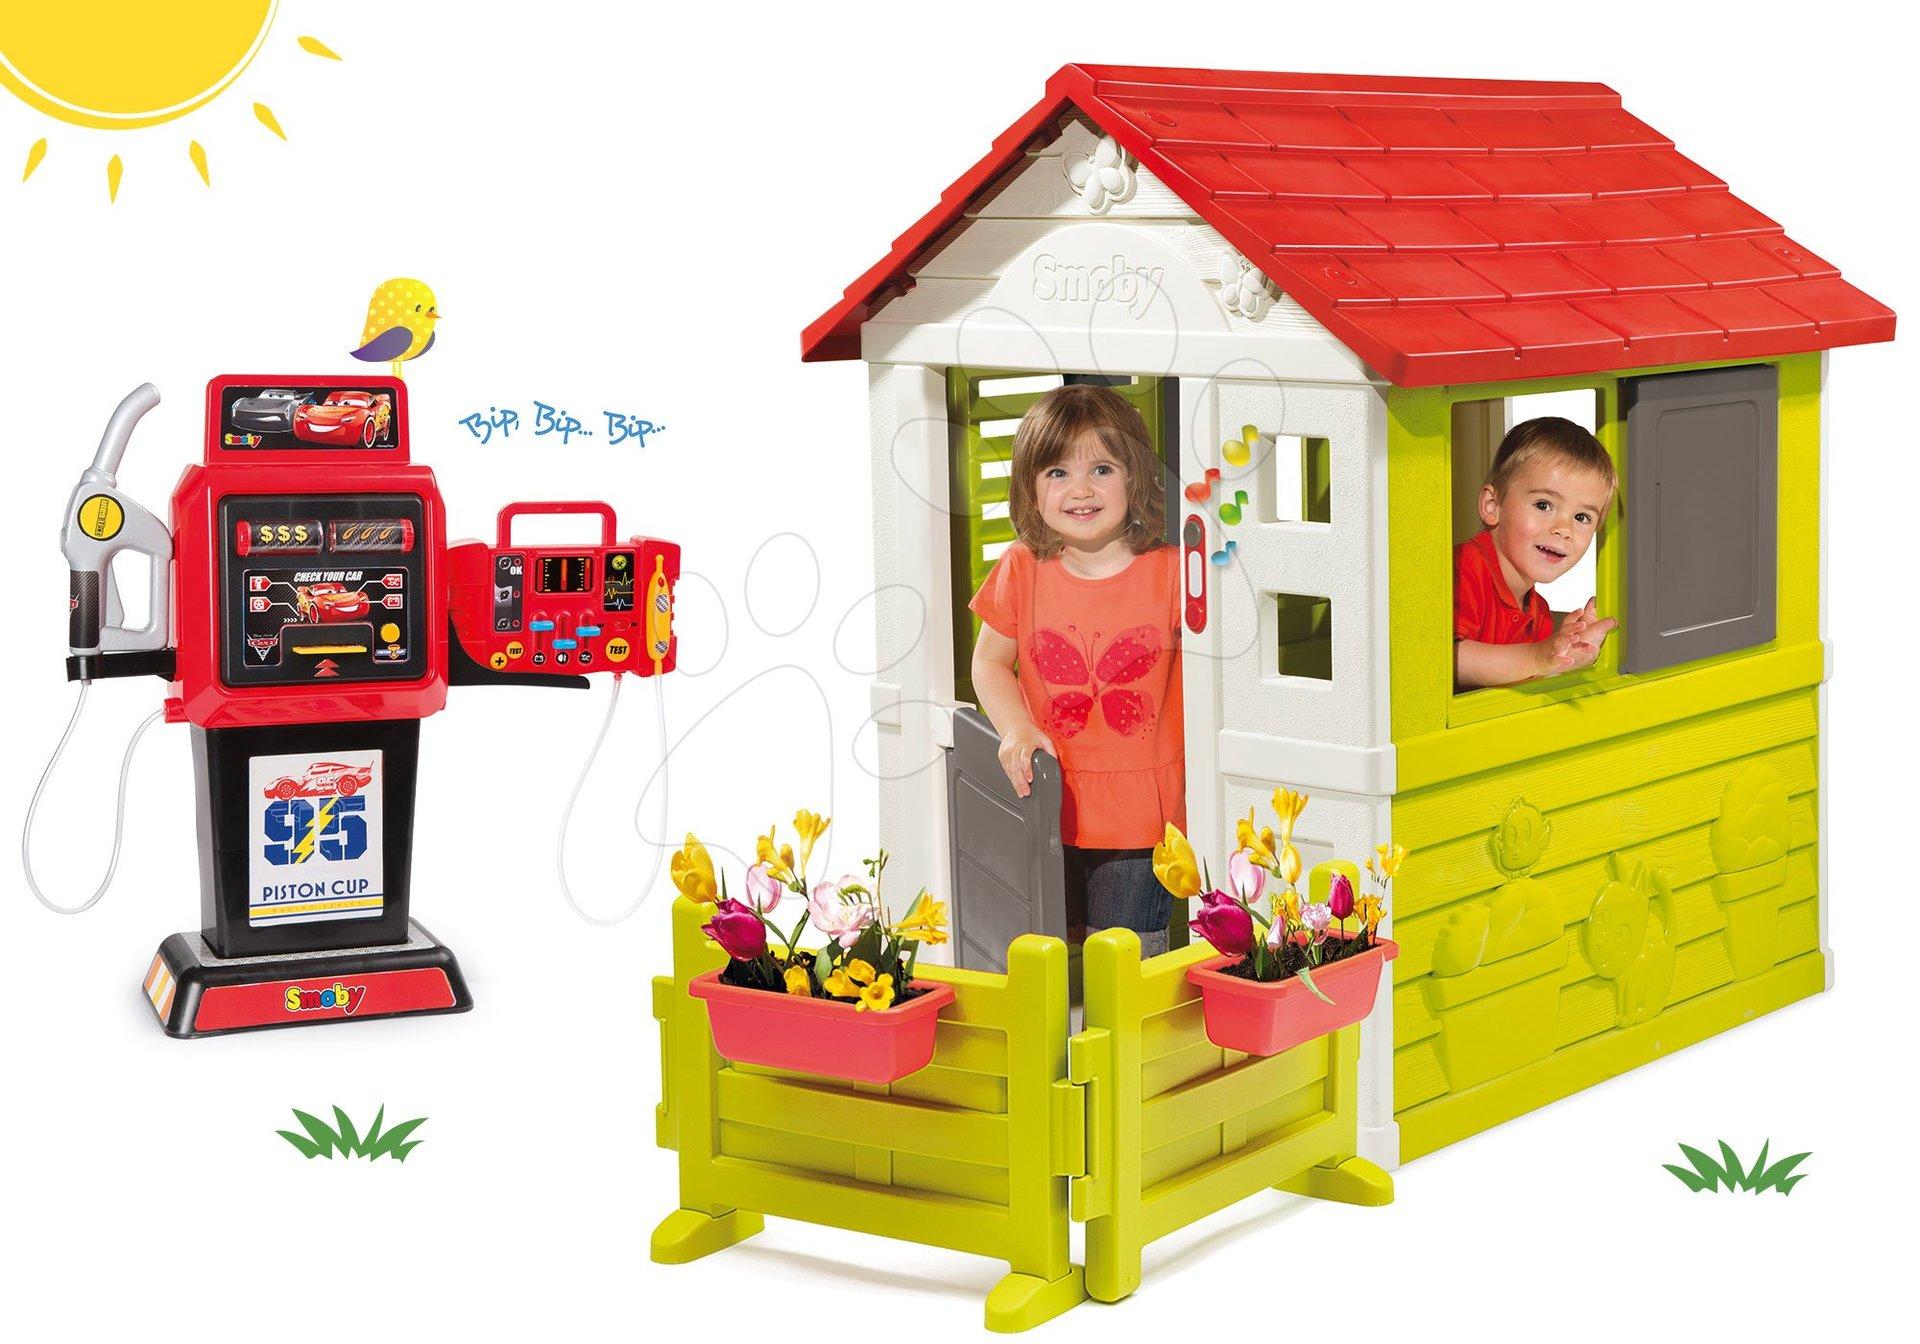 Komplet hišica Nature Smoby rdeča in 3 okna 2 žaluzije in naoknica z zvončkom in vrtičkom ter bencinska črpalka Cars elektronska od 24 mes